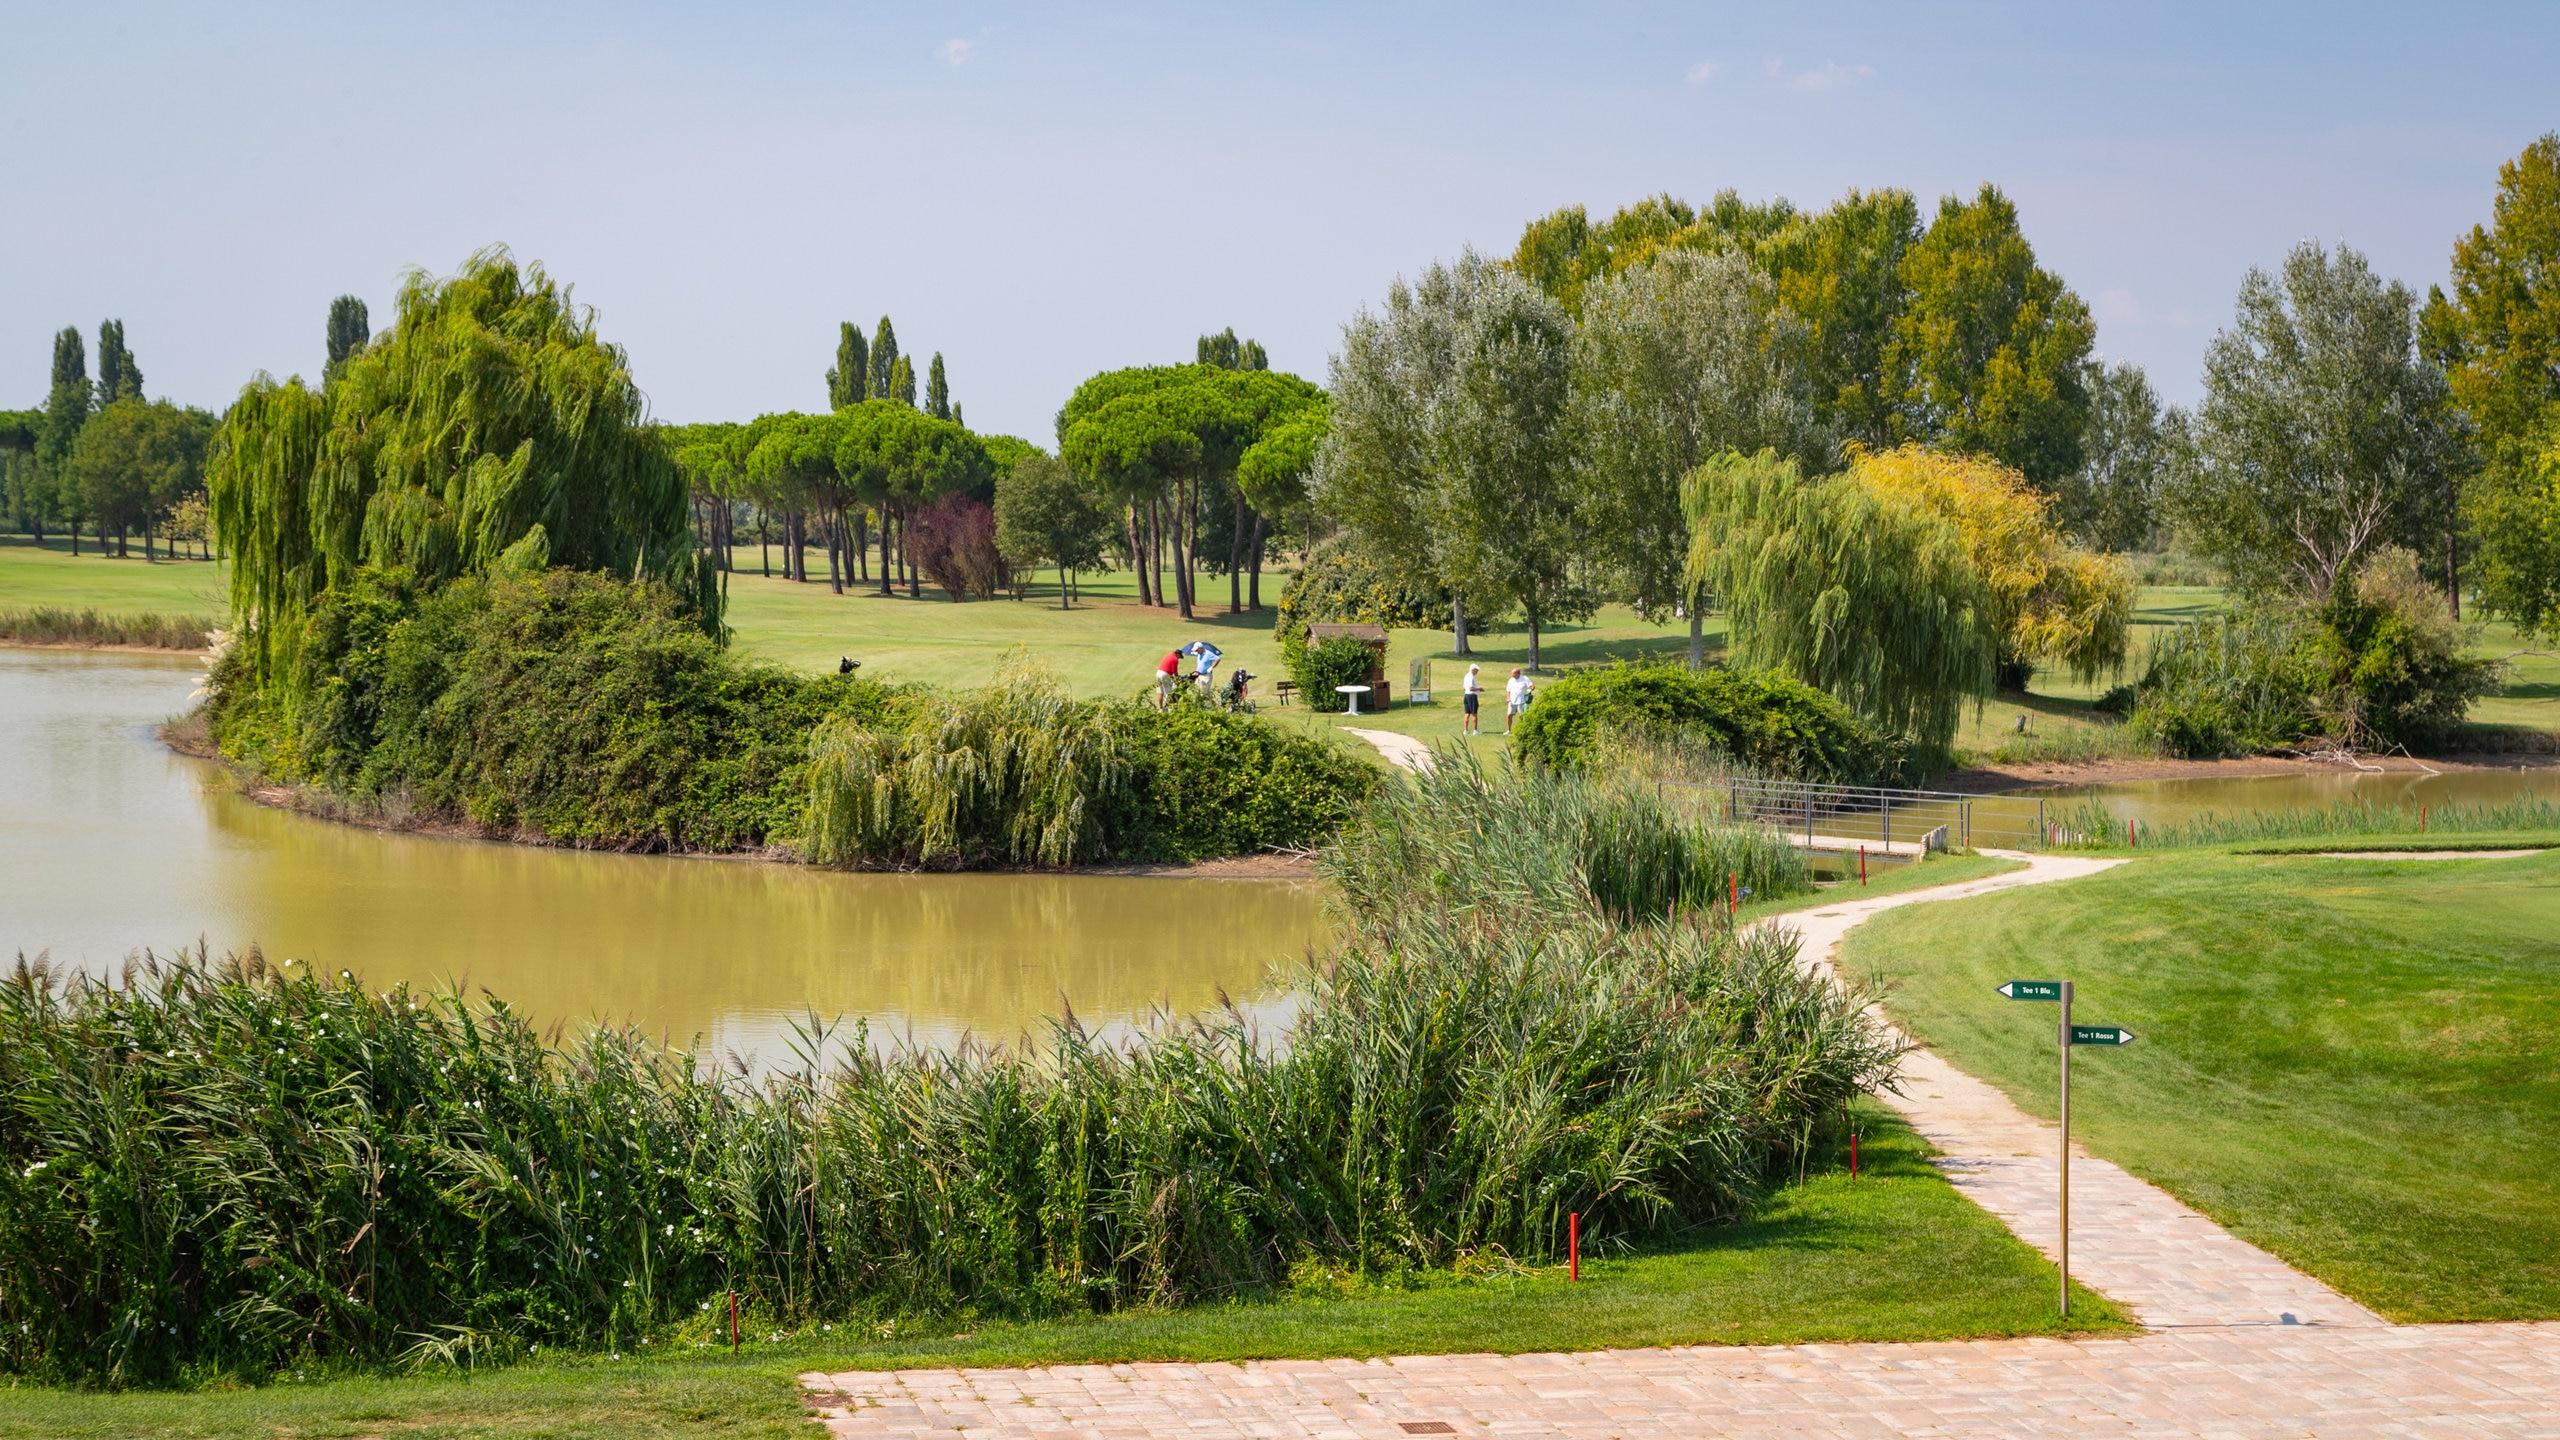 Adriatic Golf Club Cervia, Cervia, Emilia-Romagna, Italy